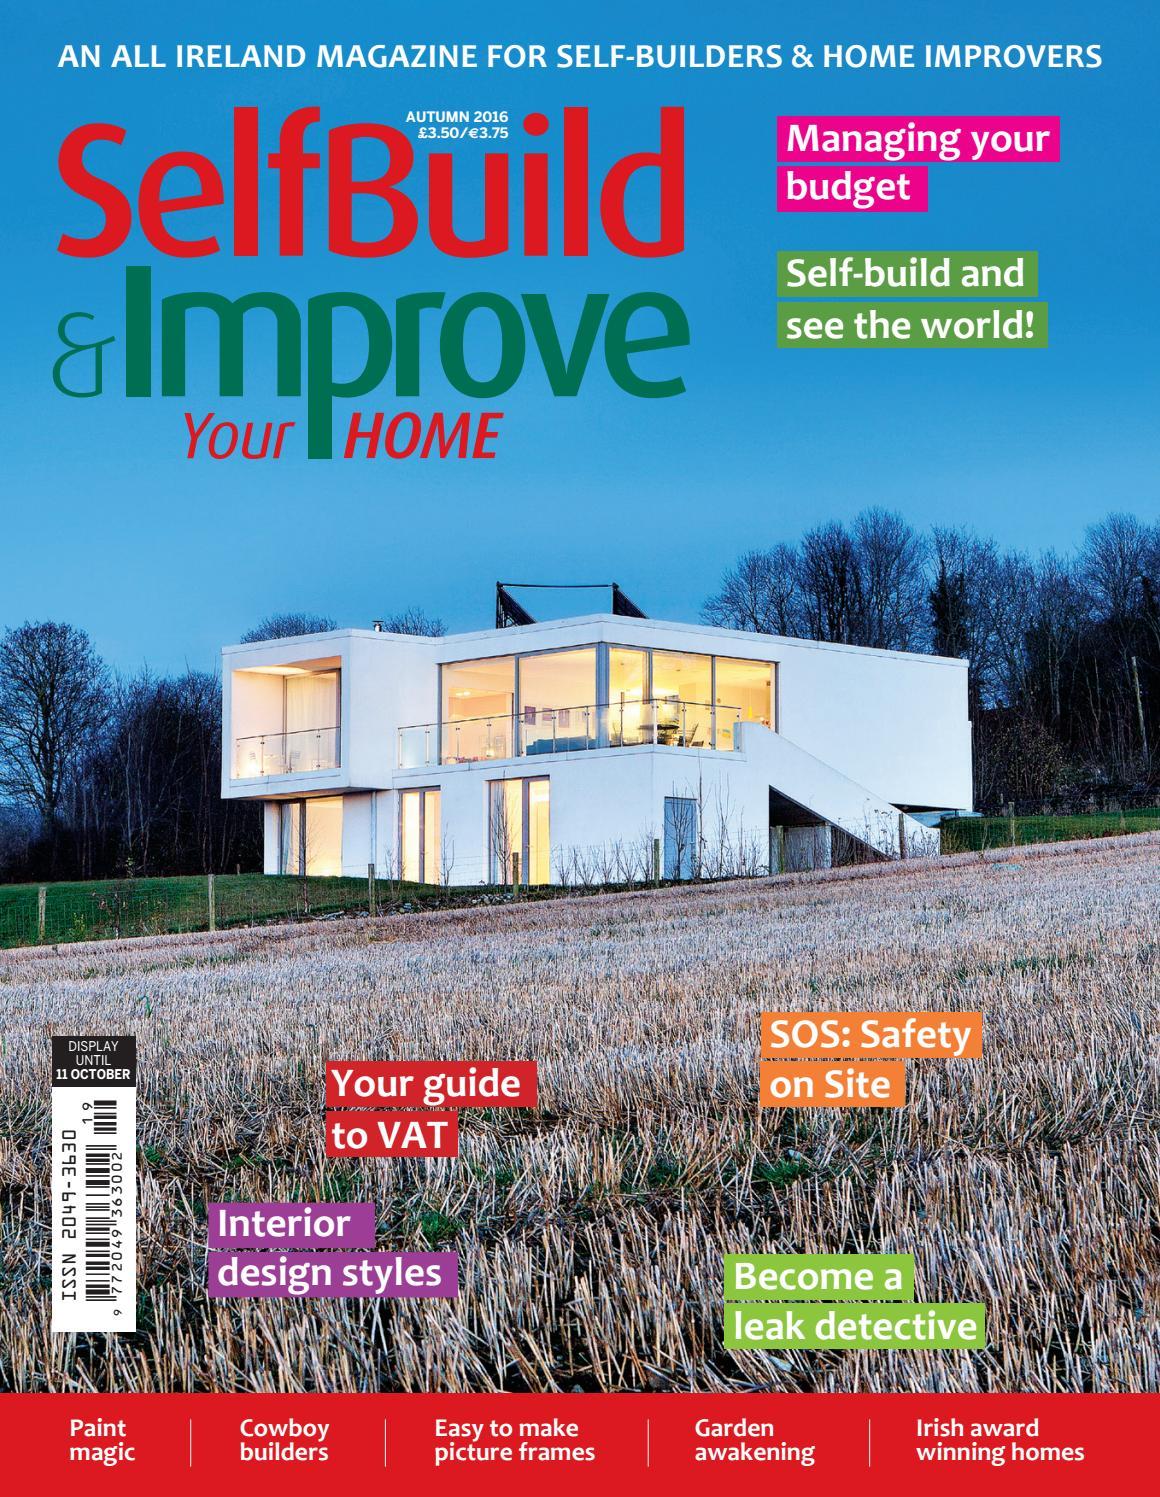 Selfbuild Autumn 2016 by Selfbuild Ireland Ltd. - issuu